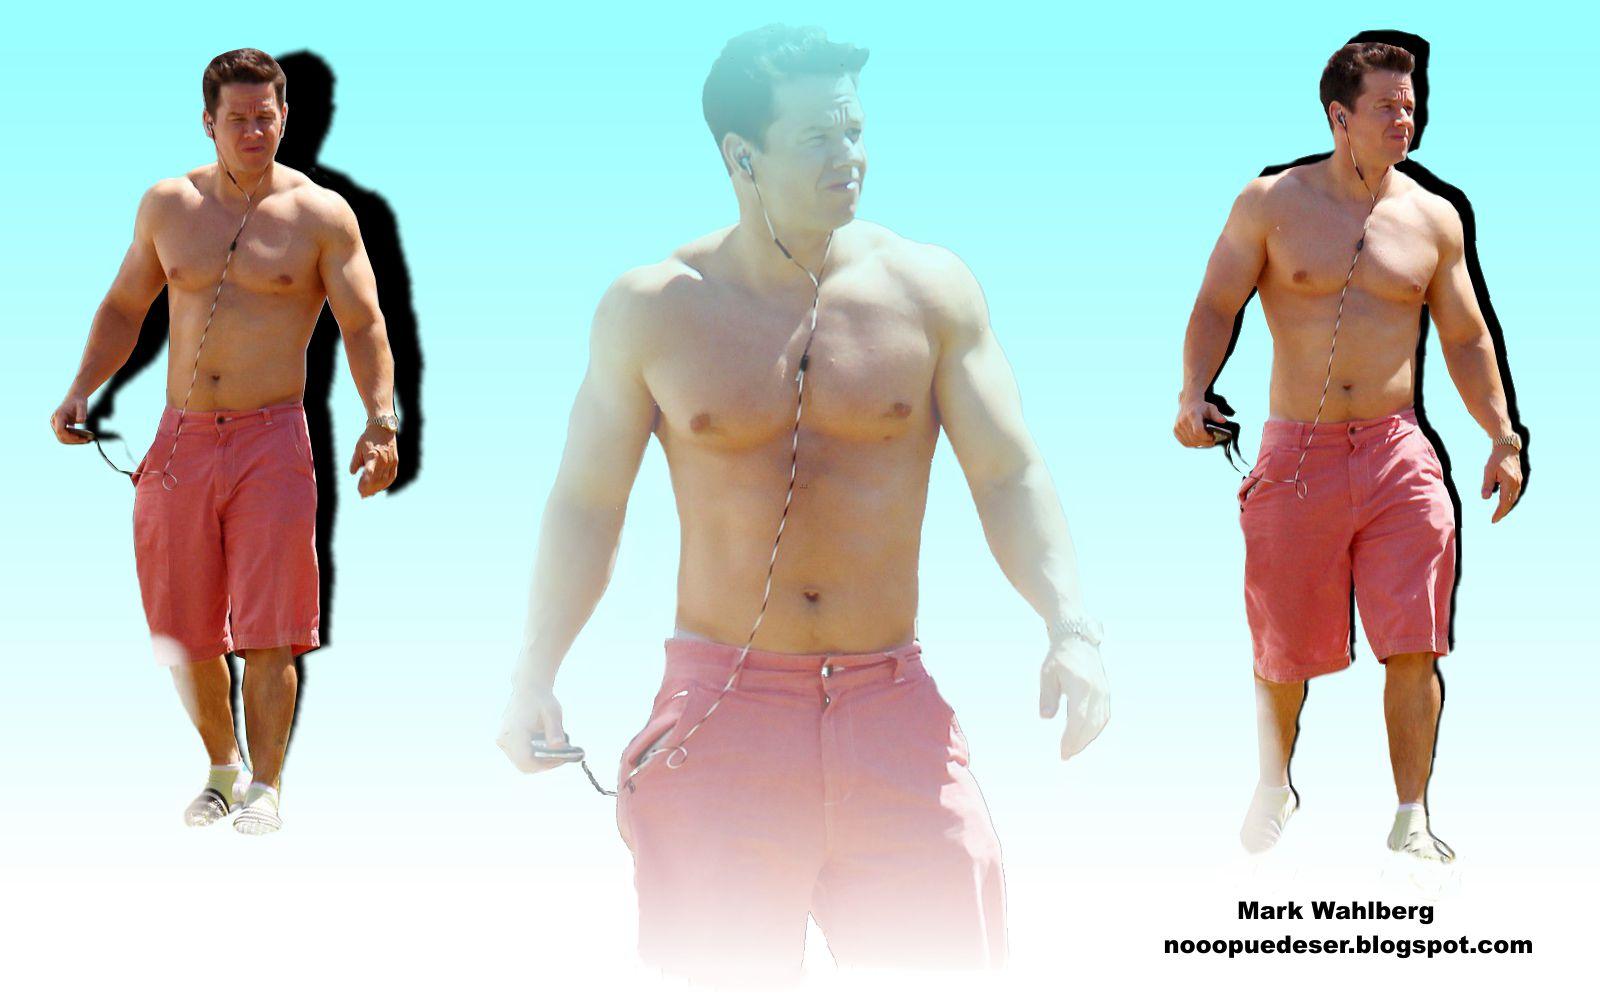 http://3.bp.blogspot.com/-xPkB5Lgimv8/T3eE-g5I9GI/AAAAAAAAMtc/t7NPwAEn6NI/s1600/Mark-Wahlberg-shirtless-06.jpg